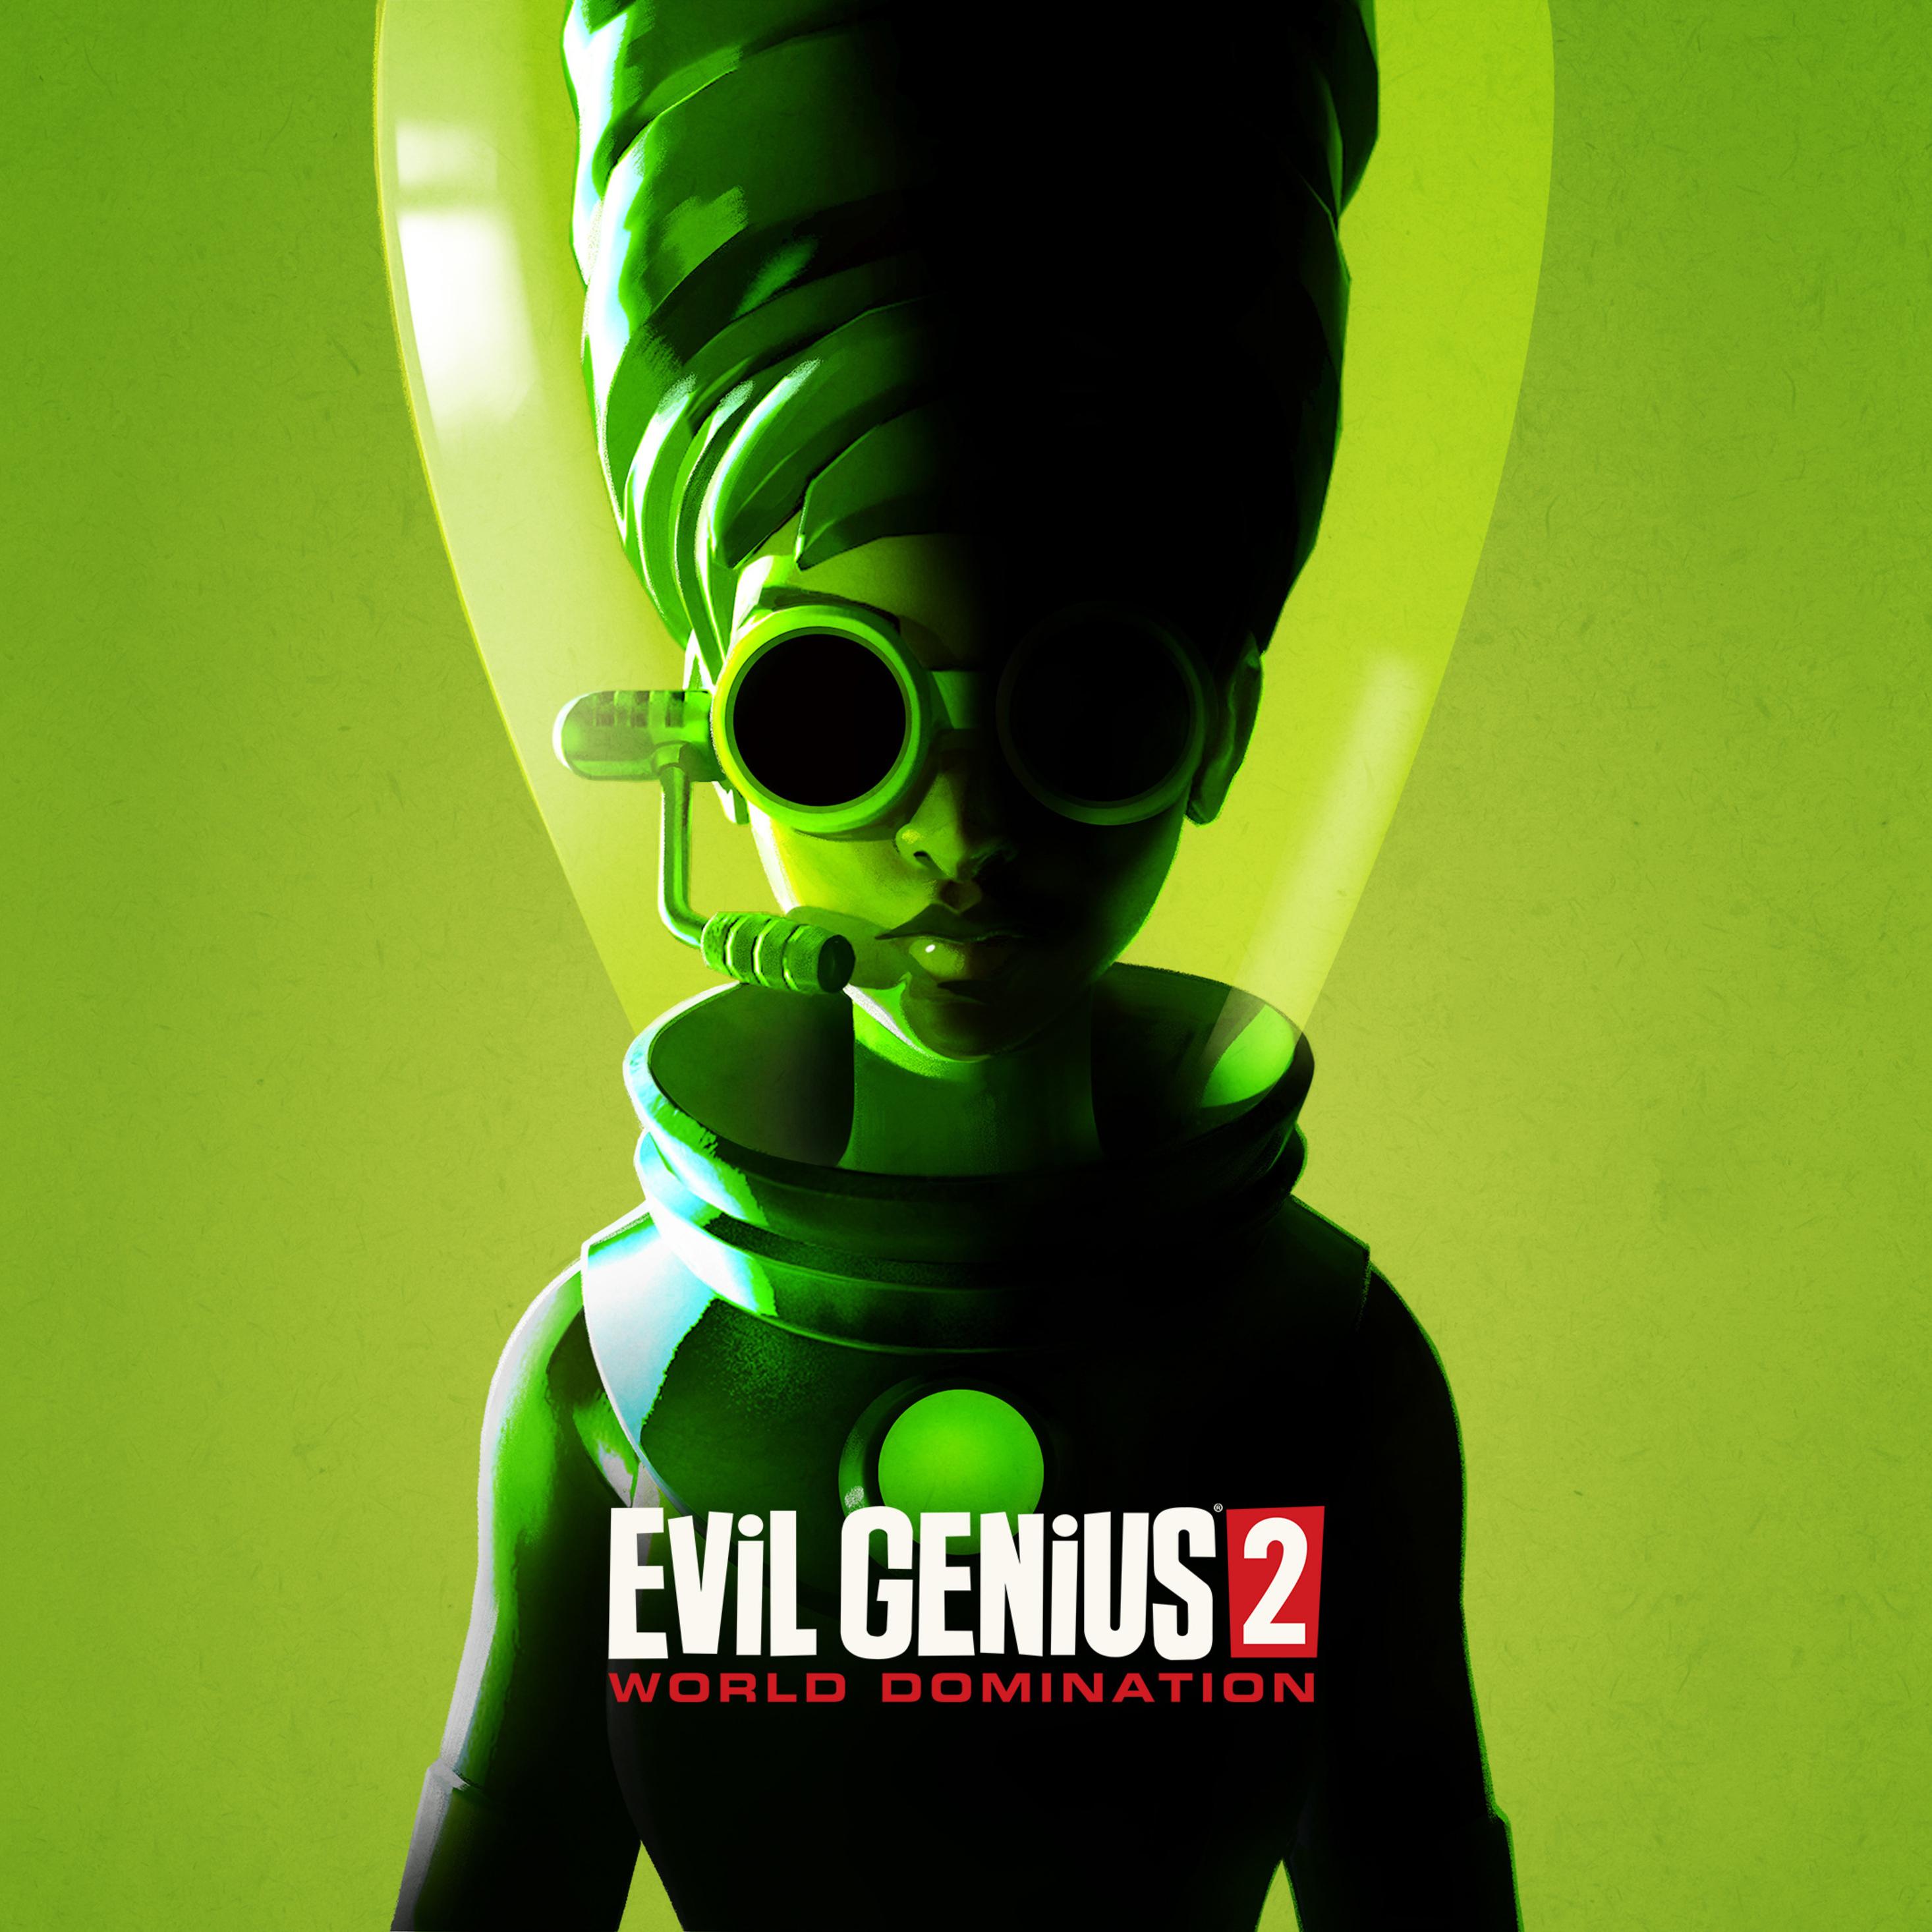 2932x2932 2020 Evil Genius 2 Ipad Pro Retina Display Hd 4k